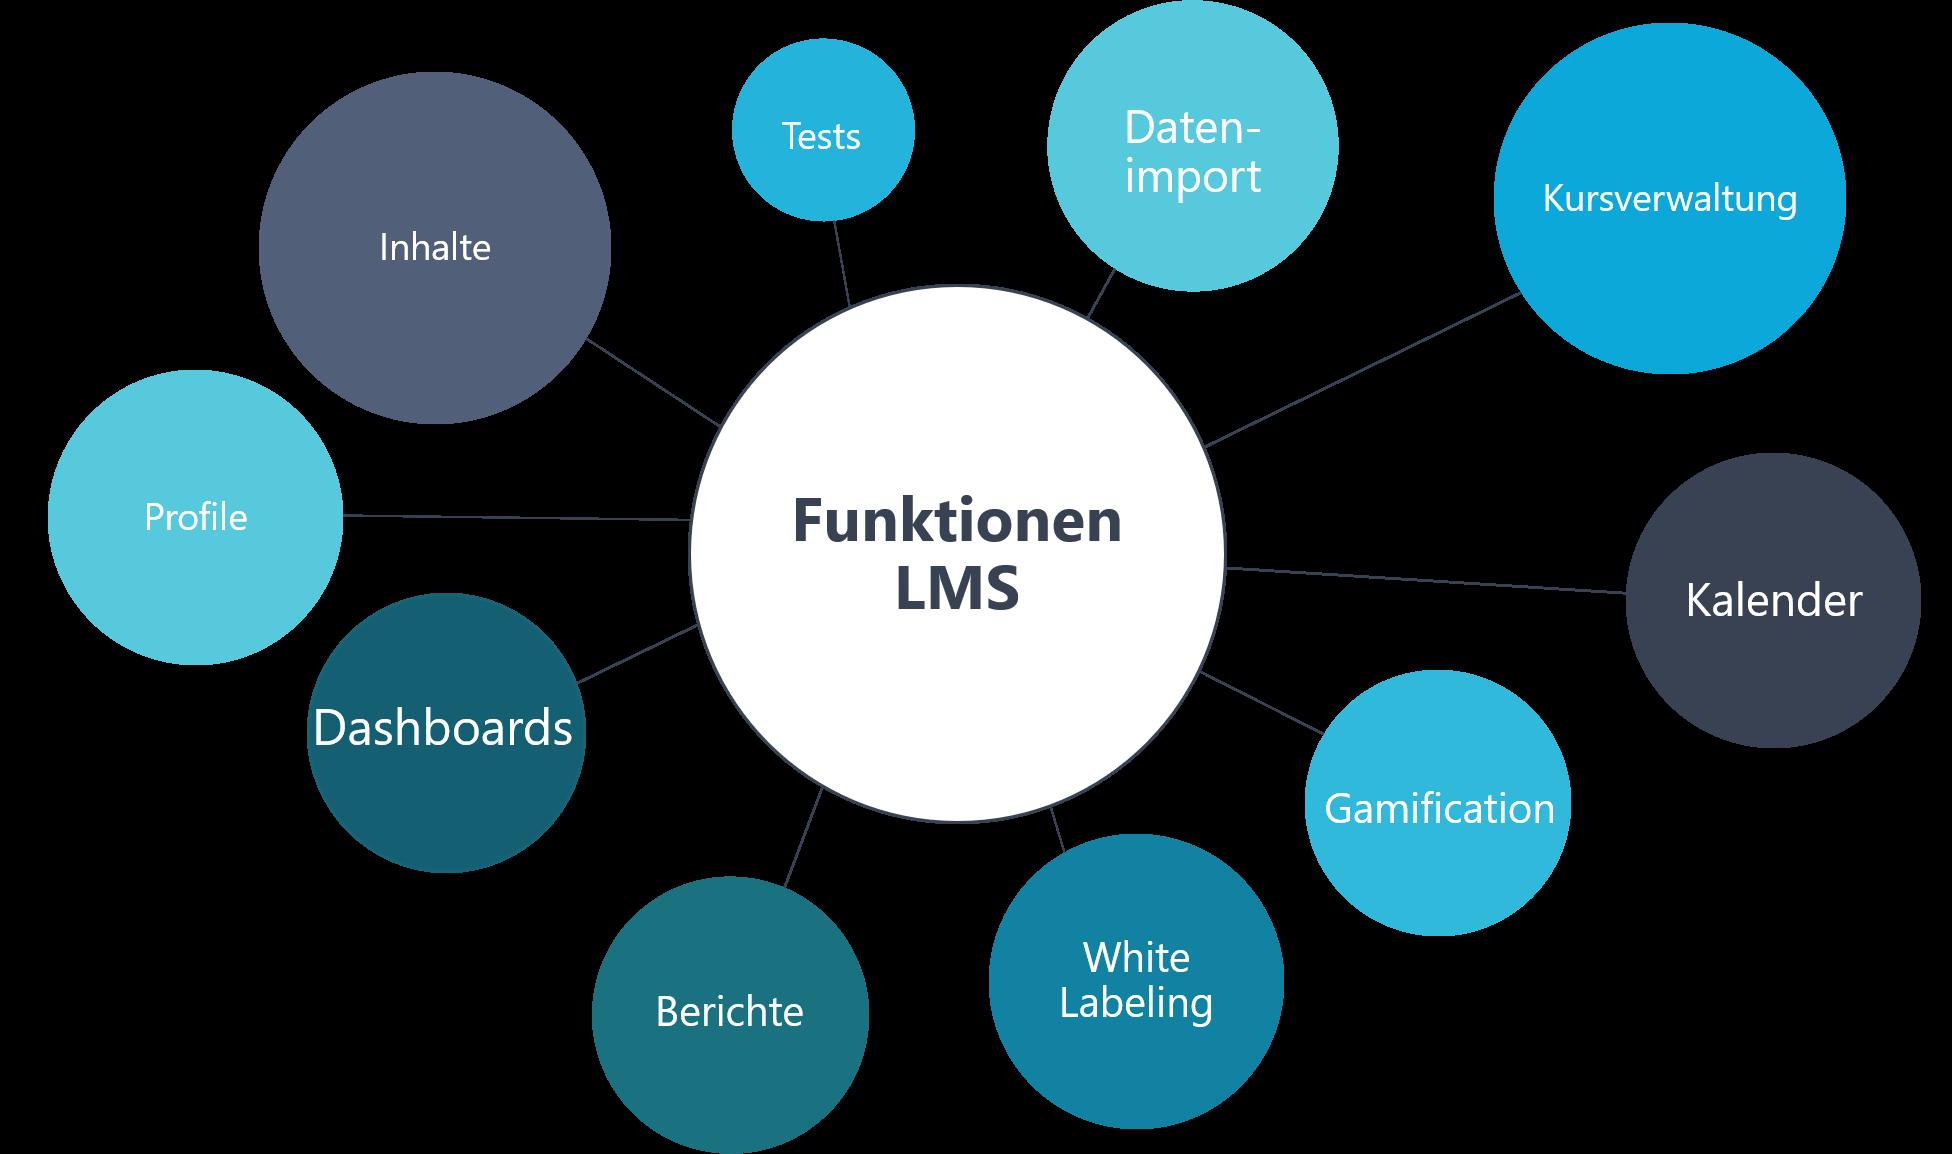 Darstellung von wichtigen Funktionen eines Learning Management Systems